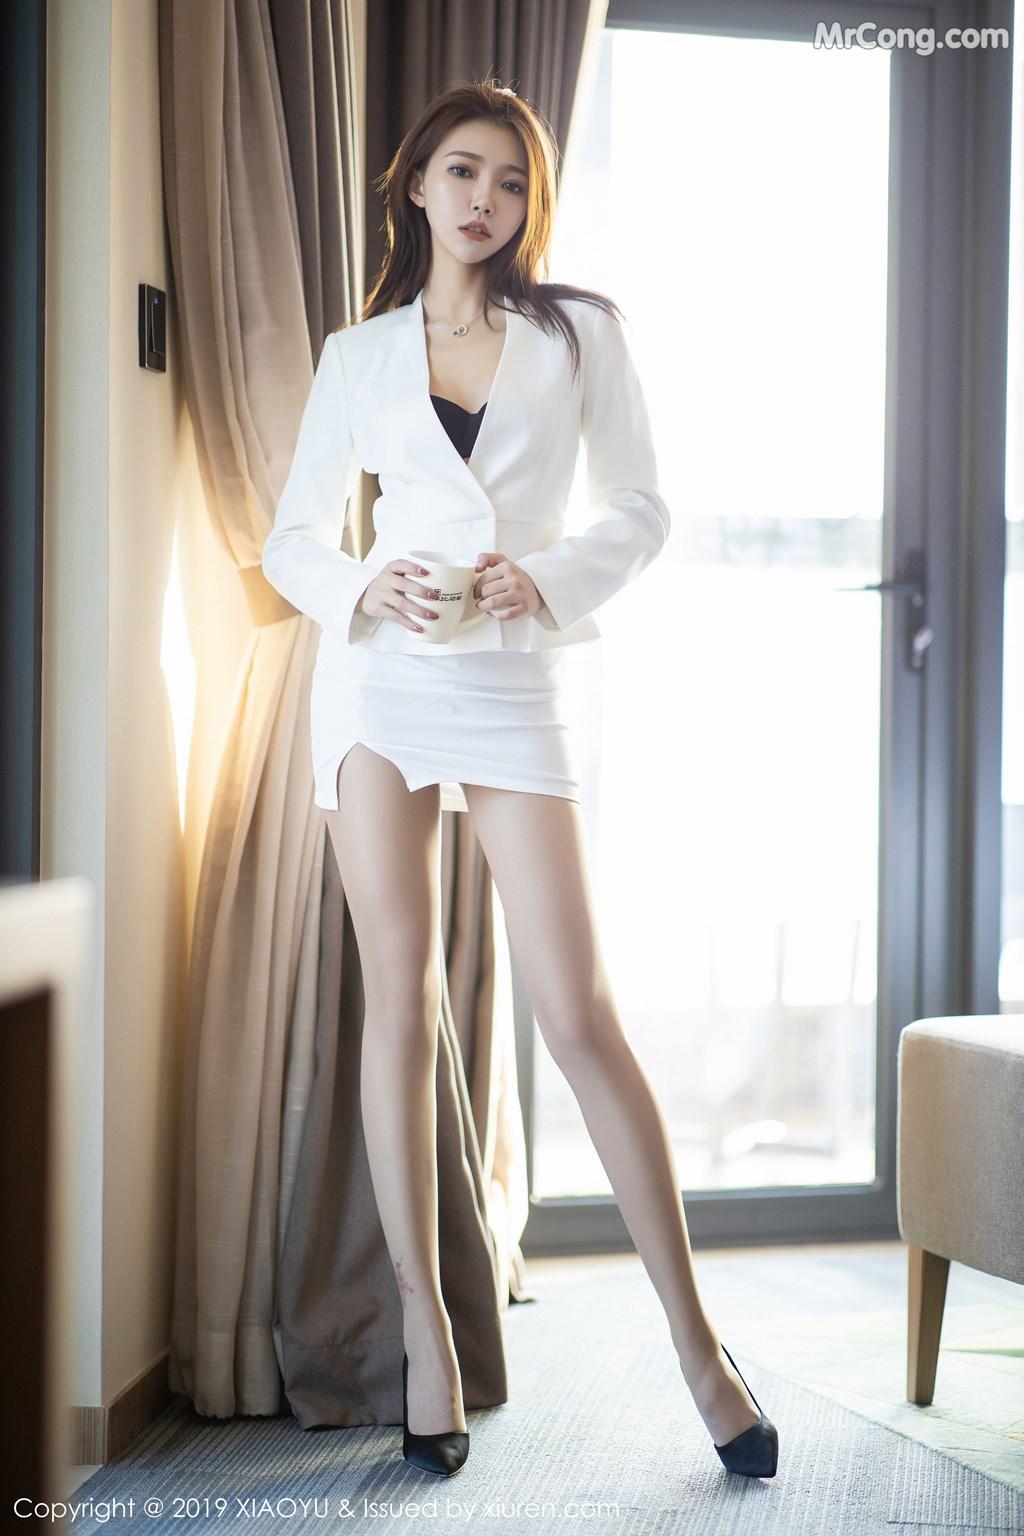 Image XiaoYu-Vol.207-LRIS-Feng-Mu-Mu-MrCong.com-004 in post XiaoYu Vol.207: LRIS (冯木木) (109 ảnh)